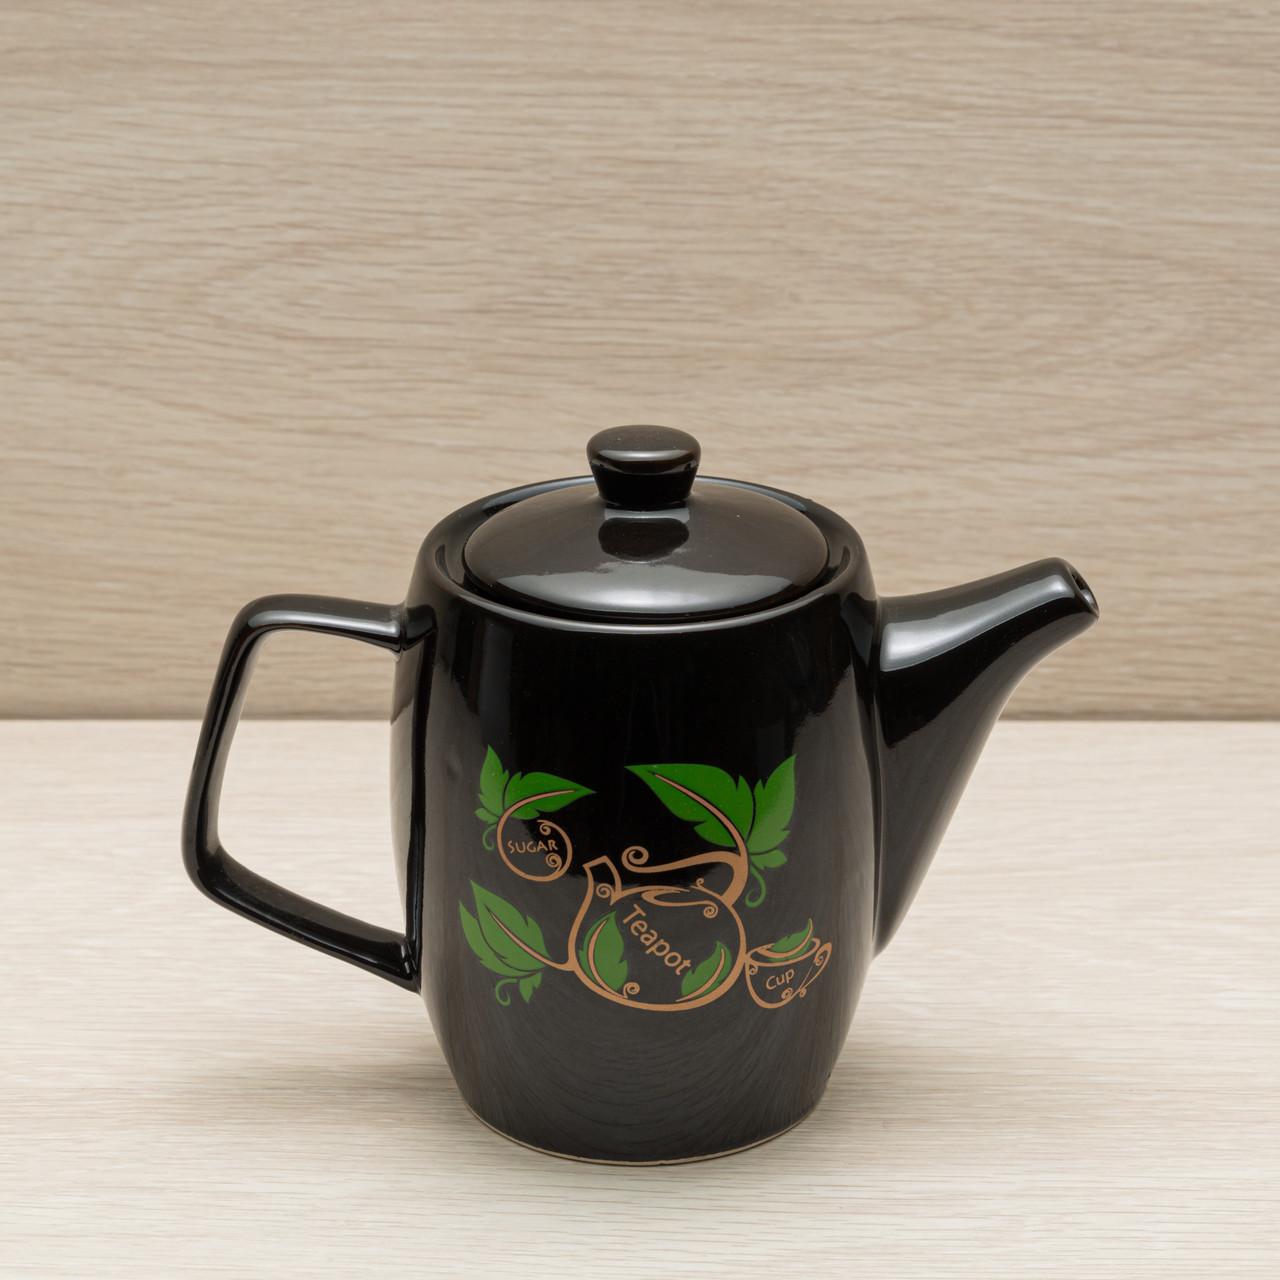 Чайник заварочный чёрный, 0,6 л, деколь